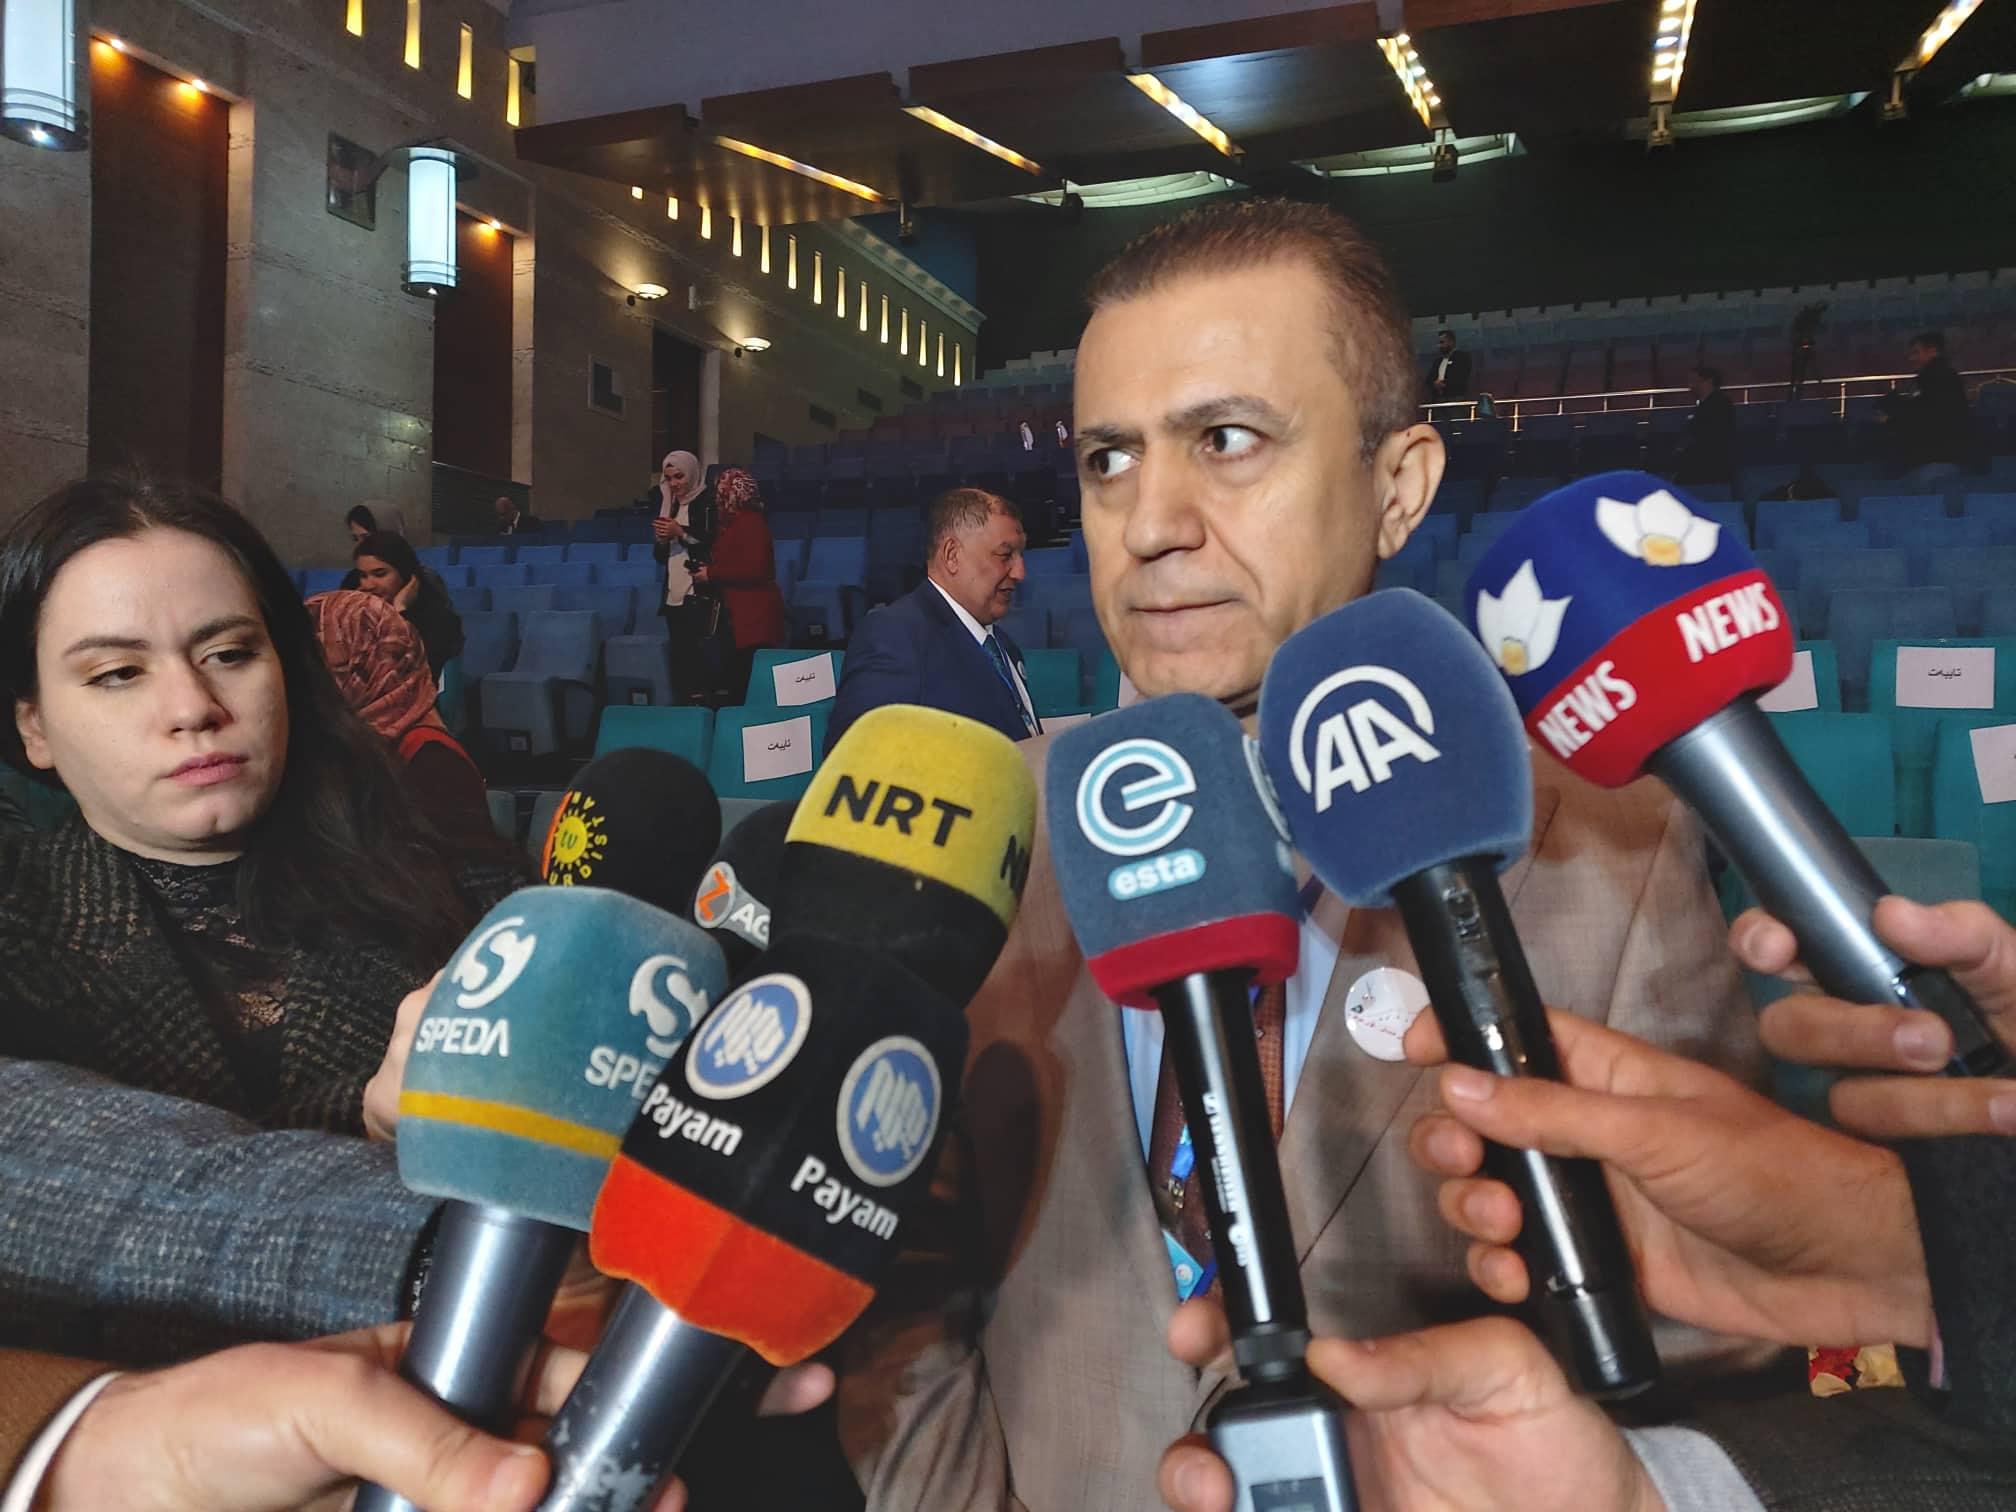 هيئة النزاهة في كوردستان: حجم الفساد تجاوز 400 مليار دينار في الاقليم